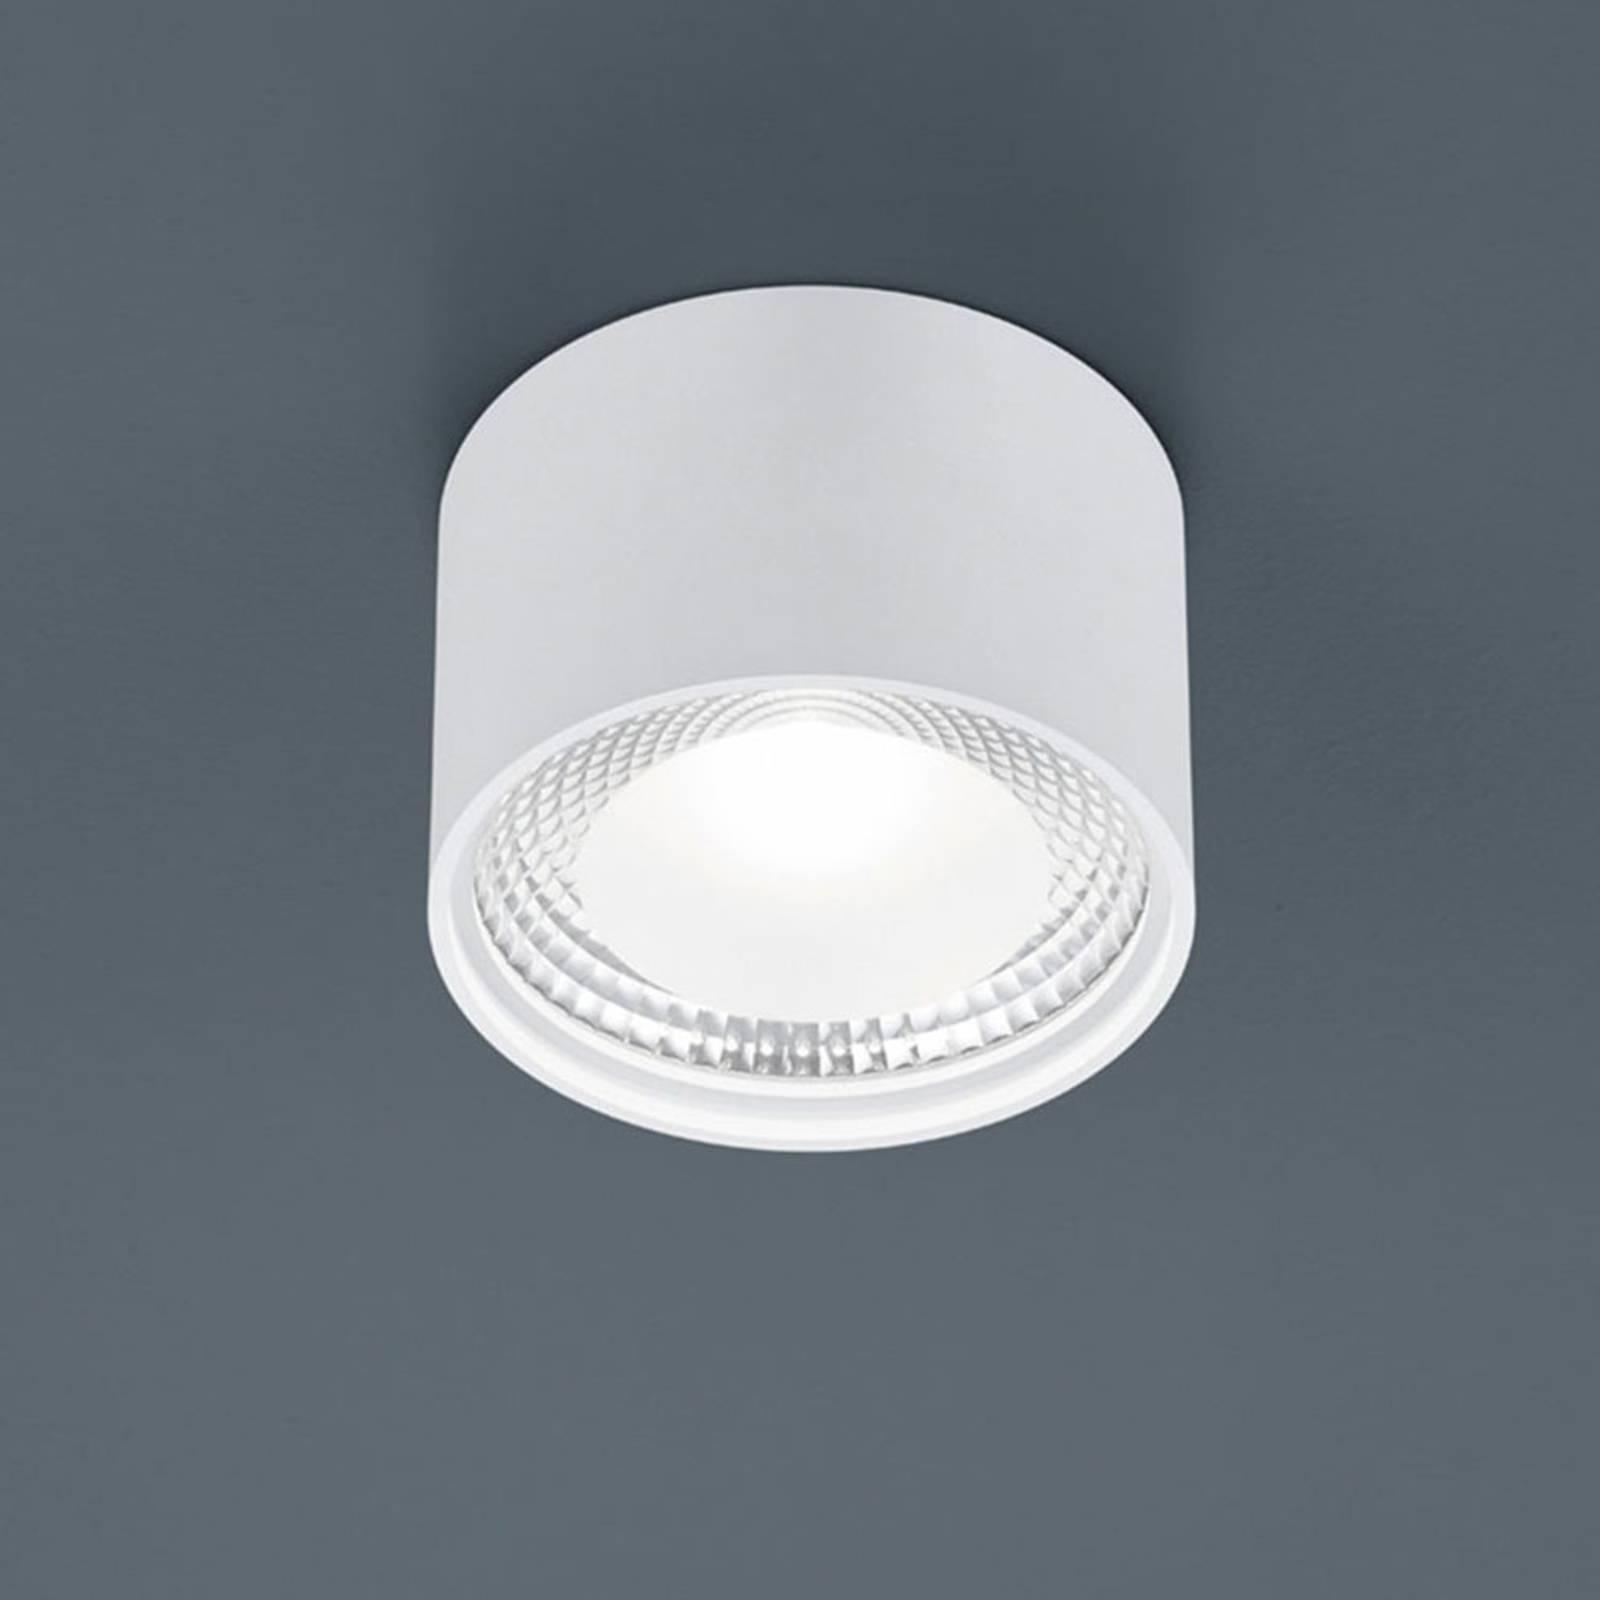 Helestra Kari -LED-kattovalaisin, pyöreä valkoinen